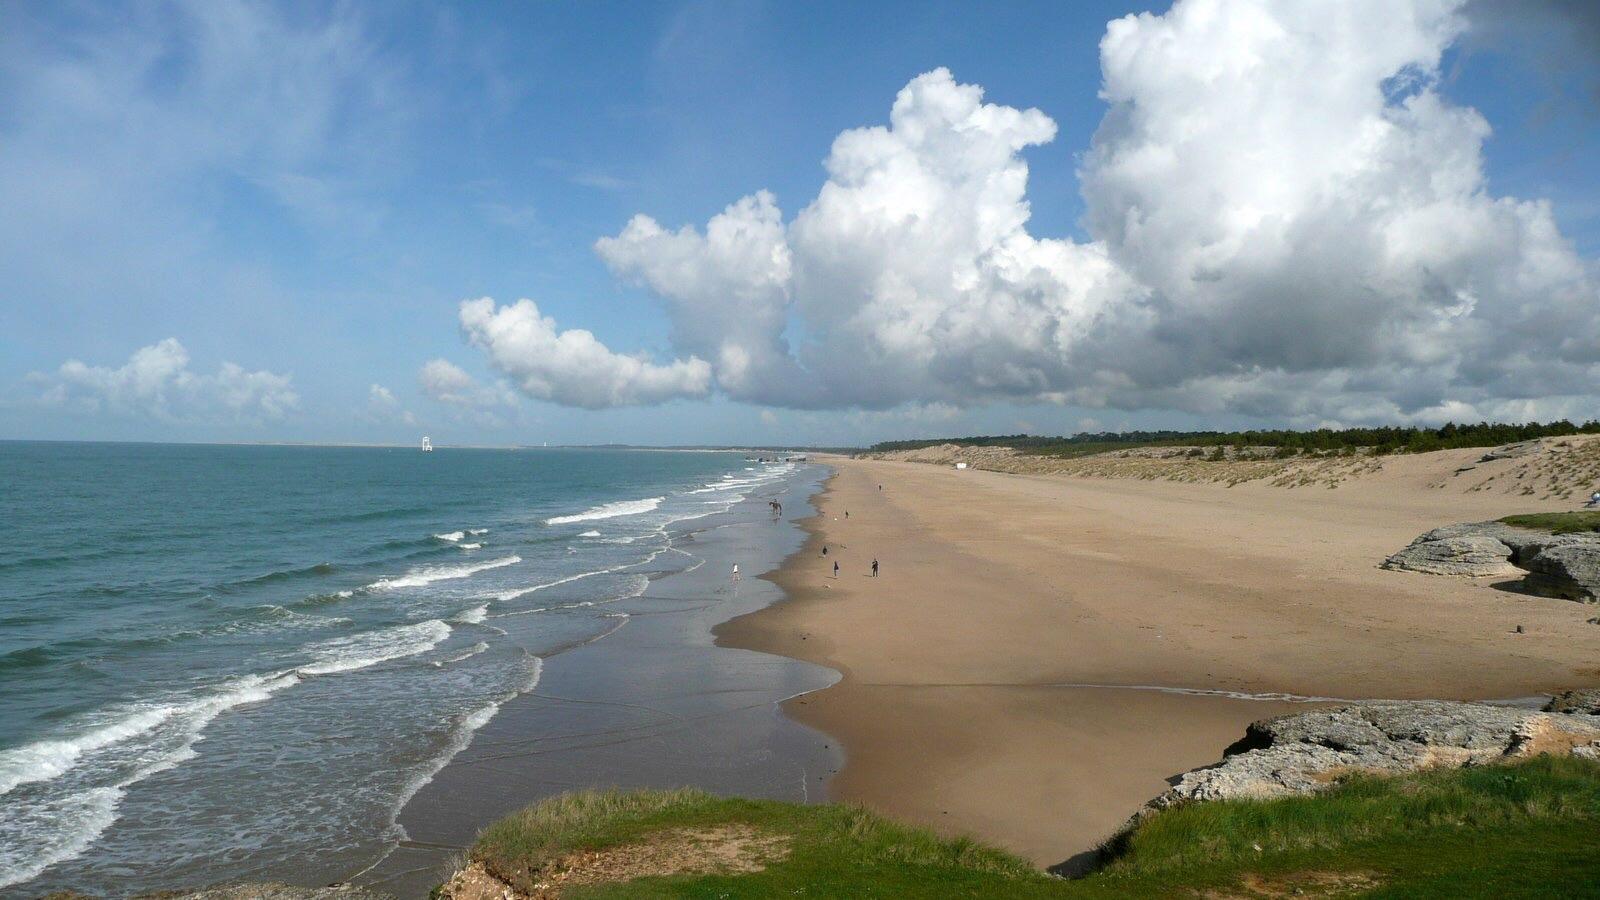 plage de la cote atlantique